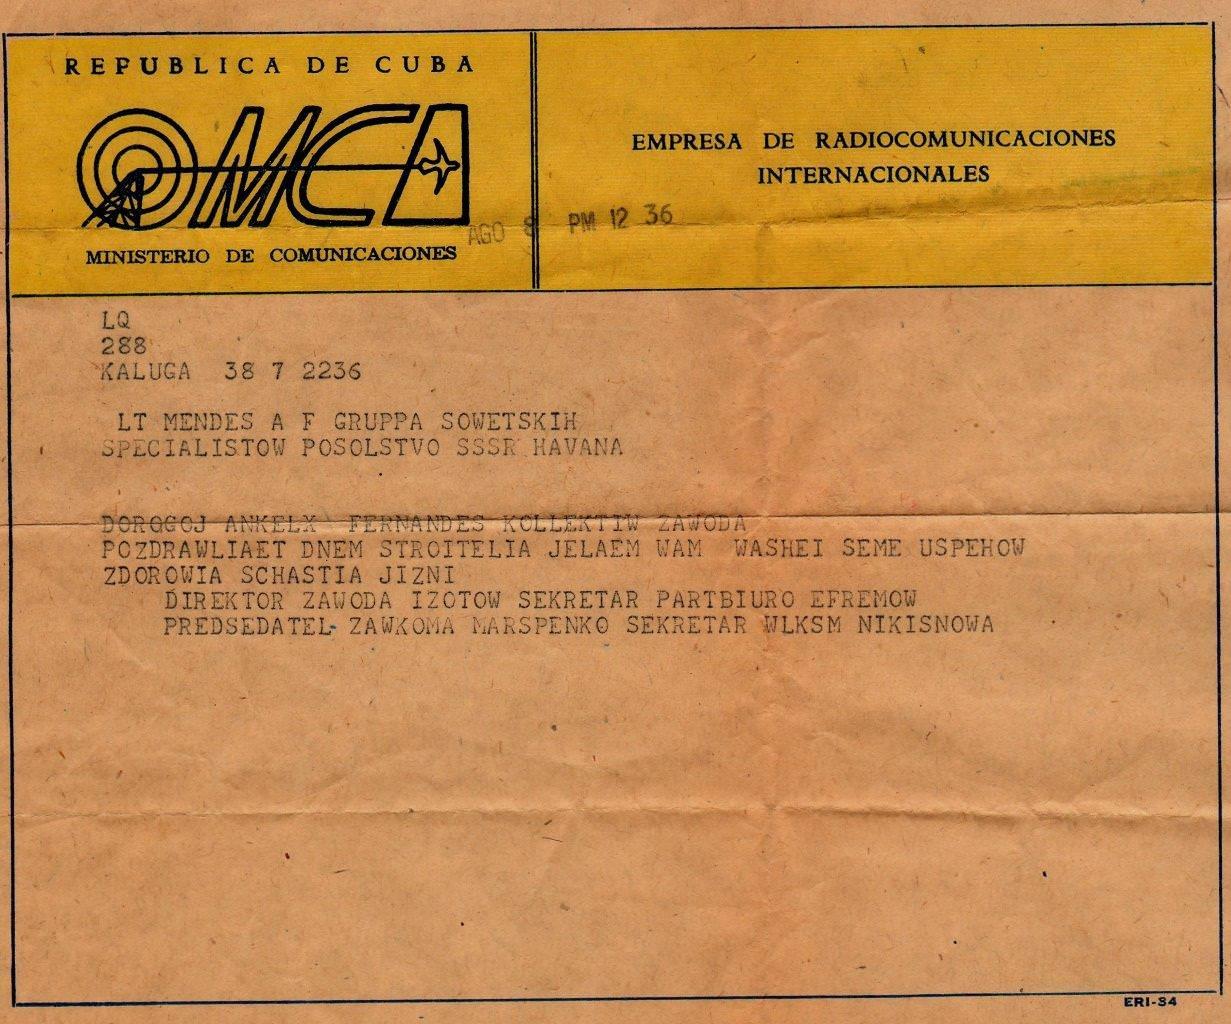 1968-08-08. Телеграмма. Поздравление с Днем строителя.